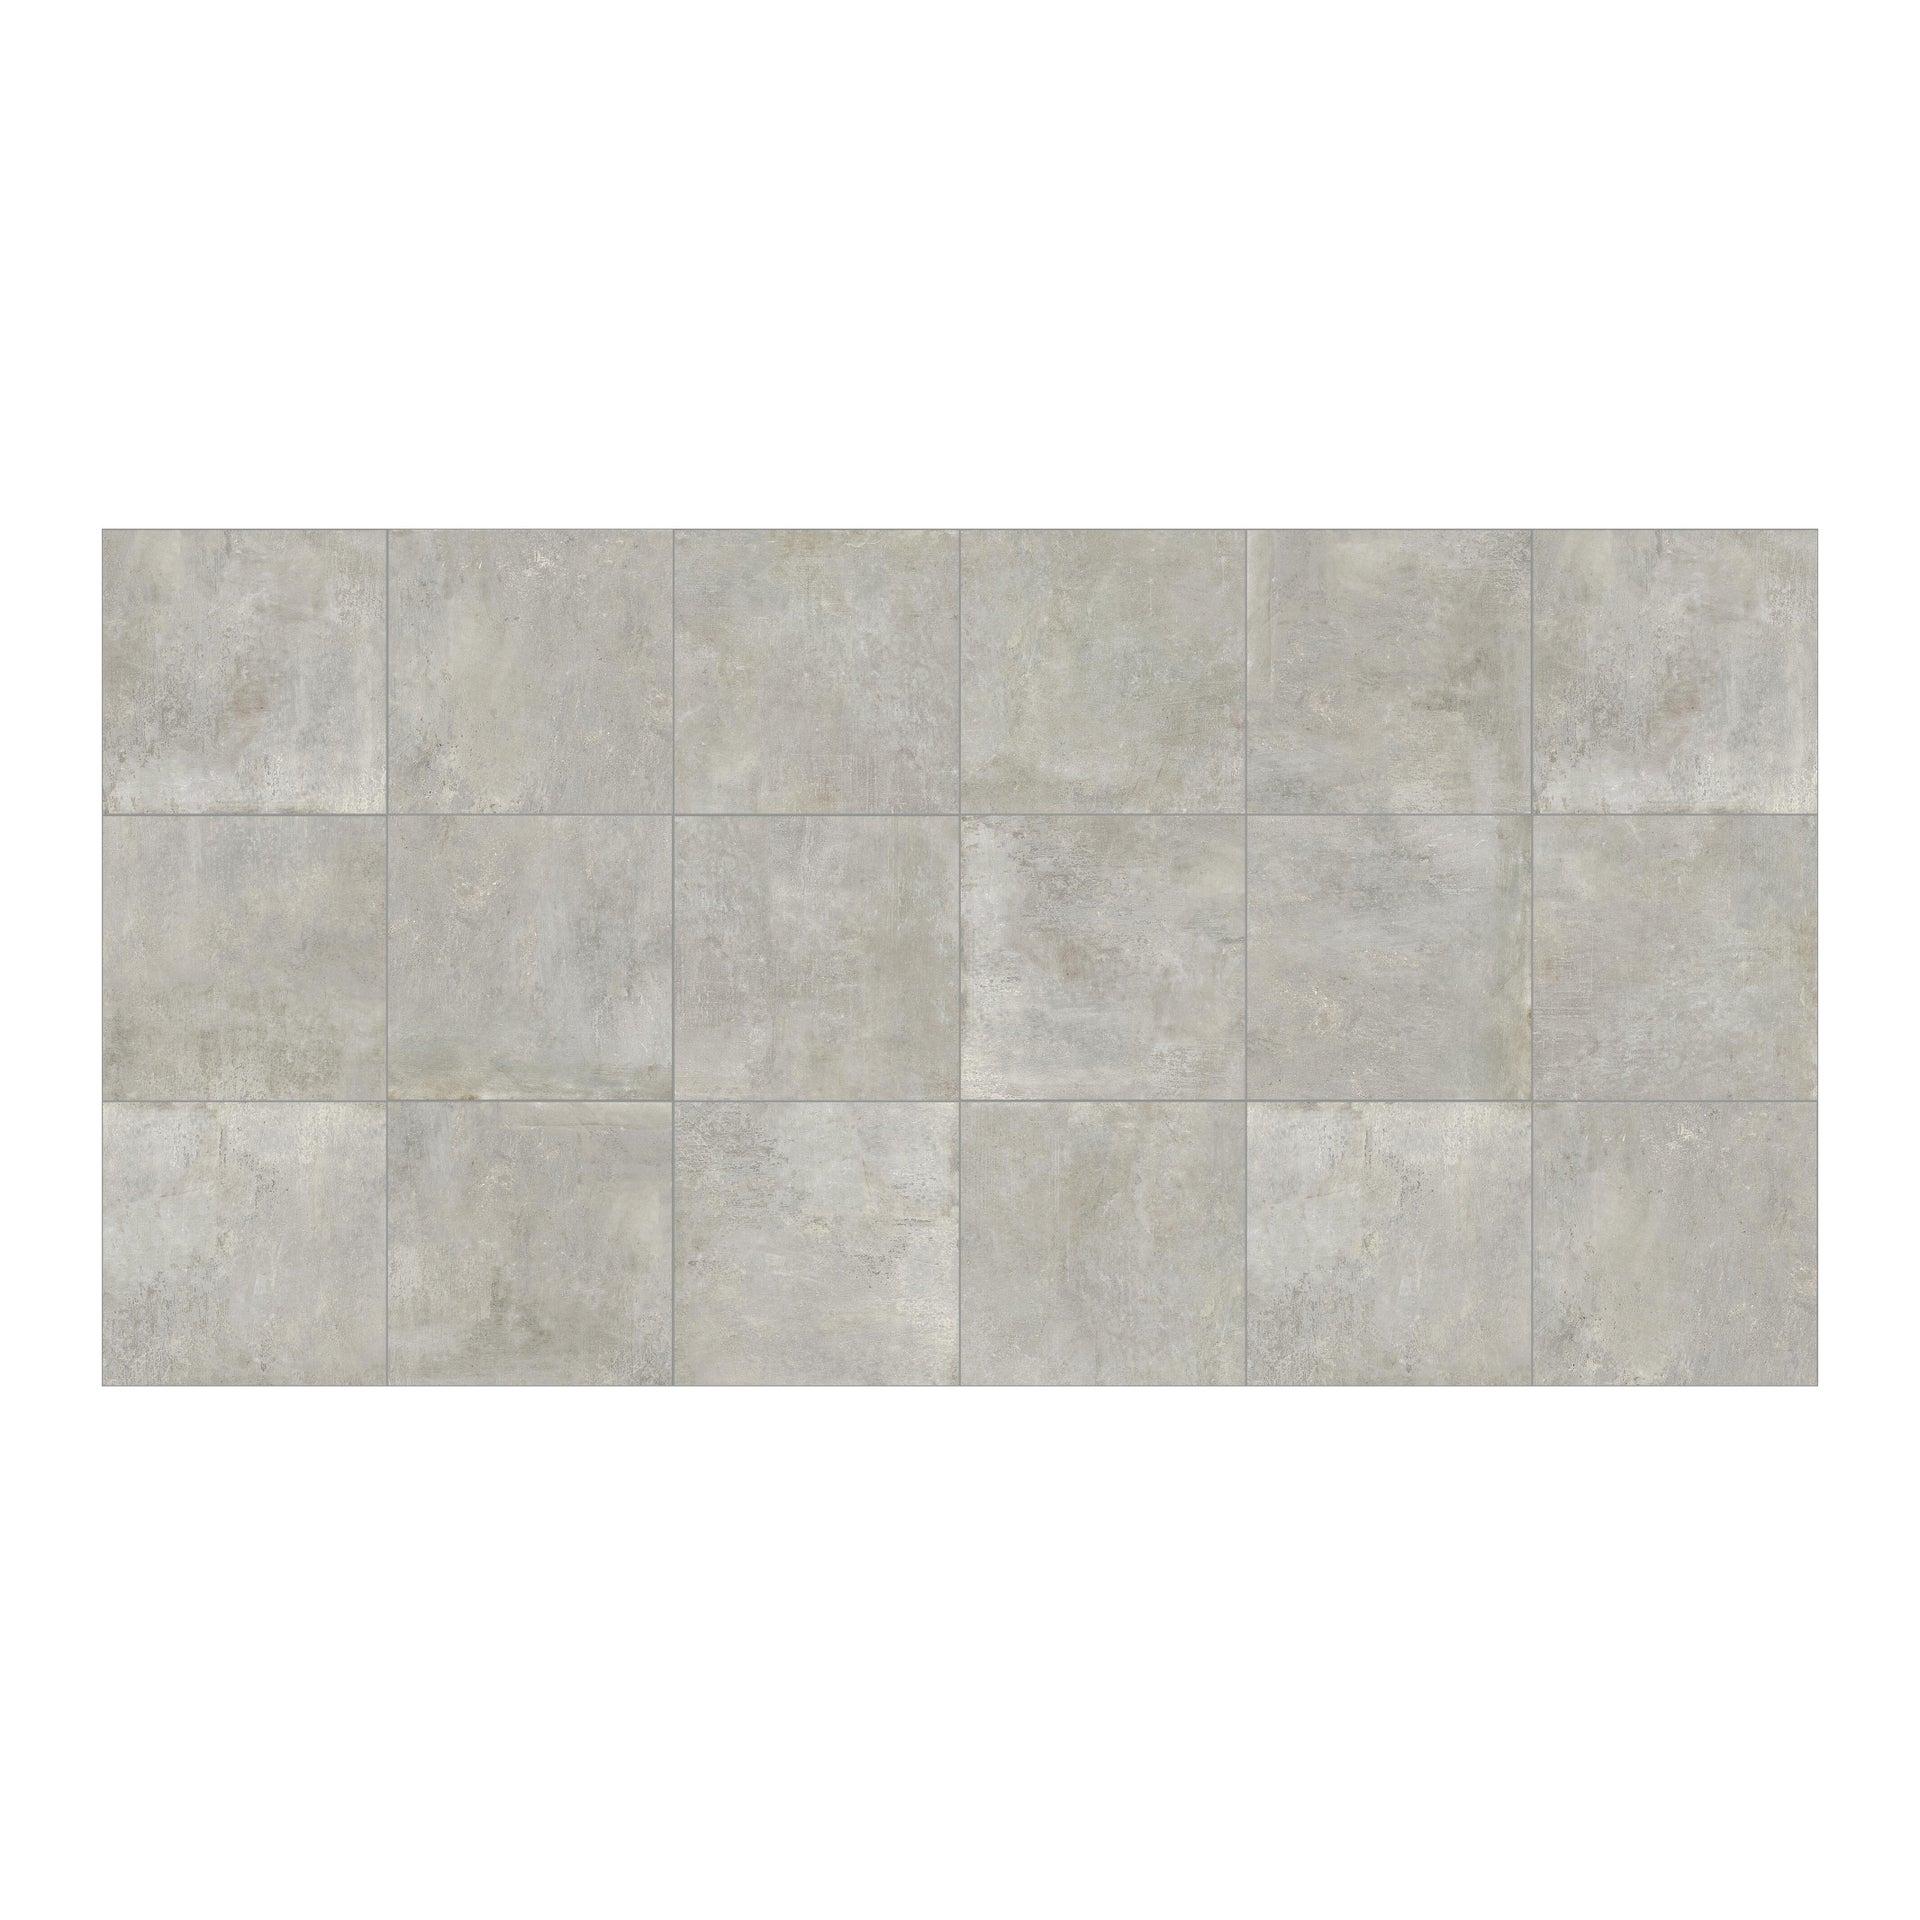 Piastrella City Grey 60 x 60 cm sp. 9.5 mm PEI 4/5 grigio - 8